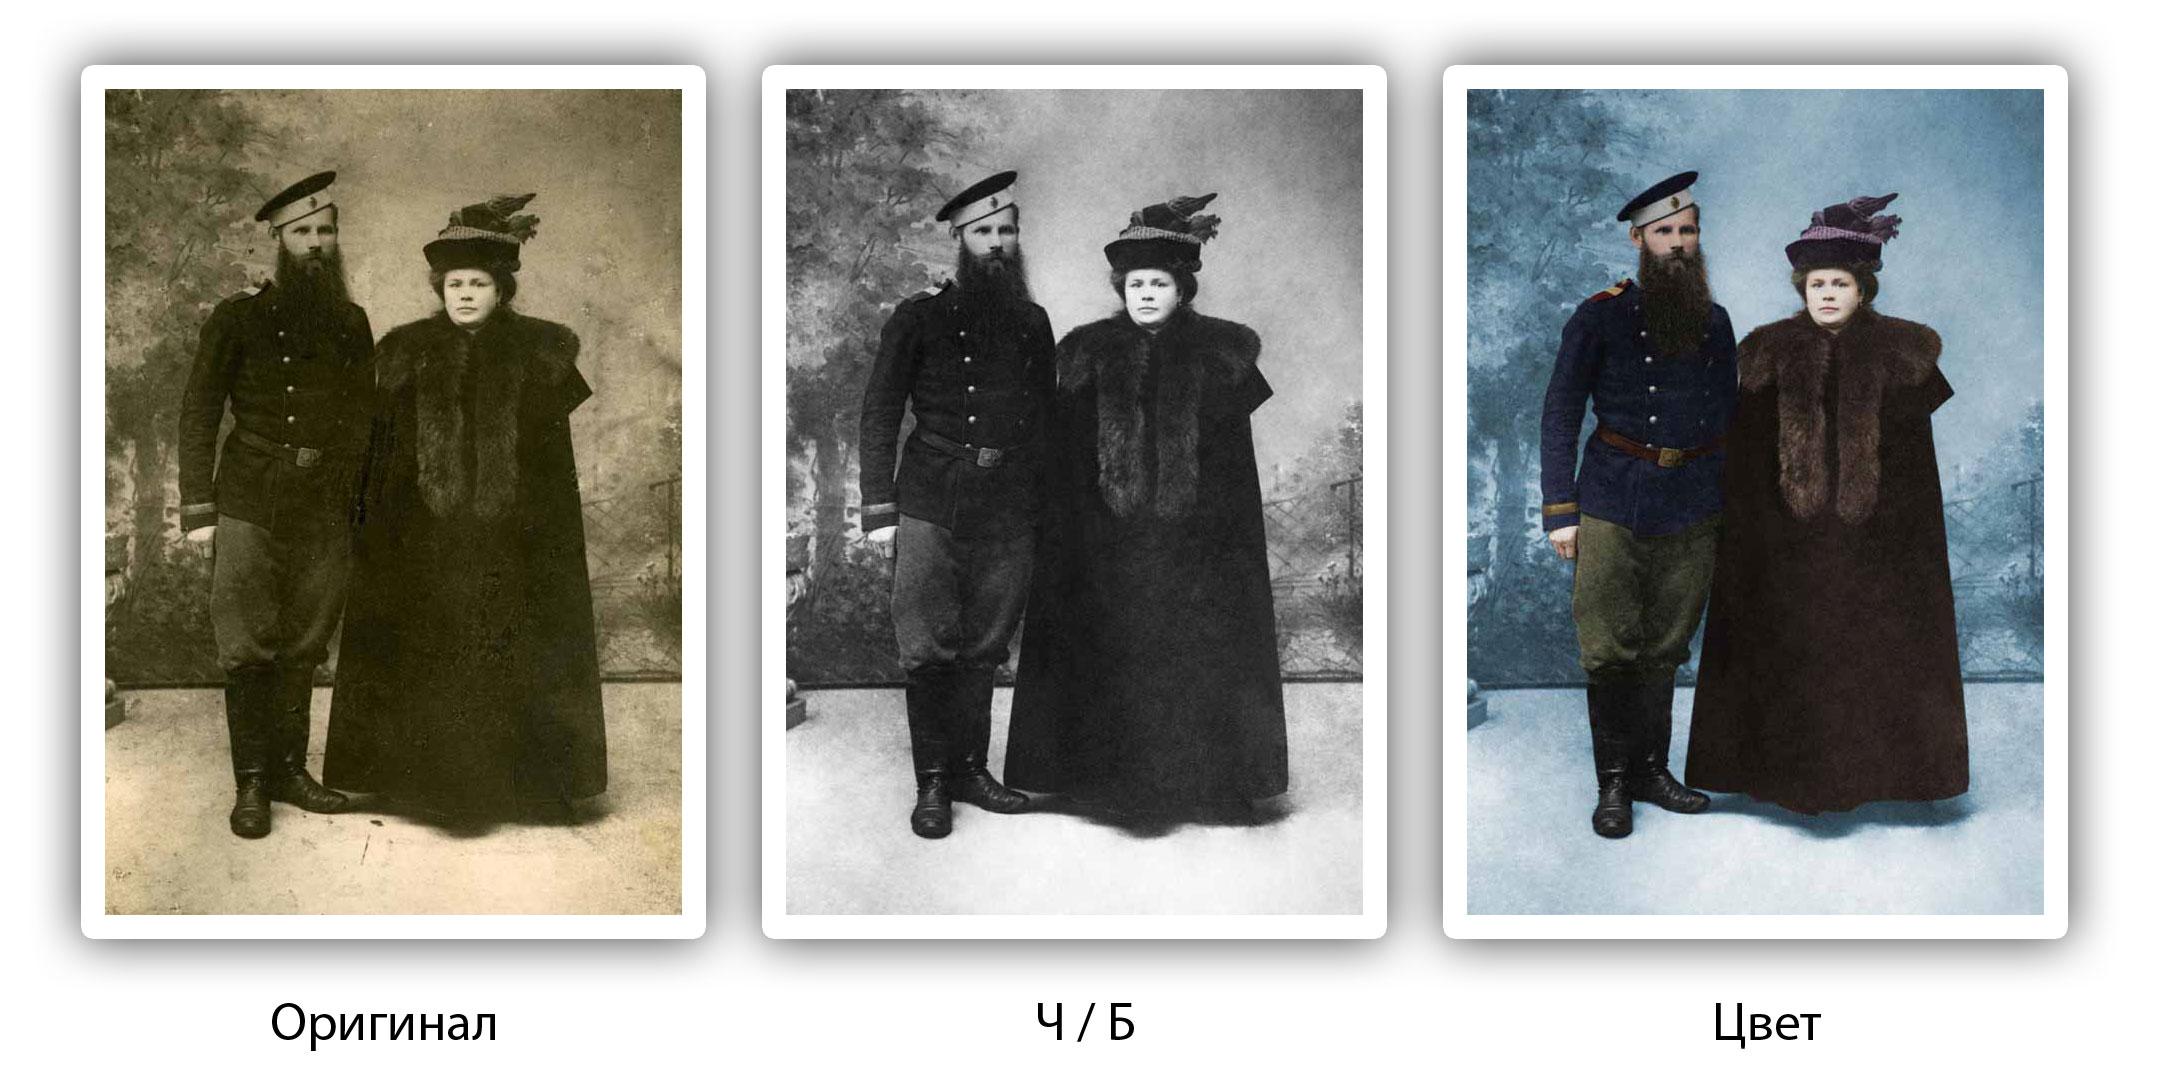 Ретушь, реставрация и колорирование фотографии 1900